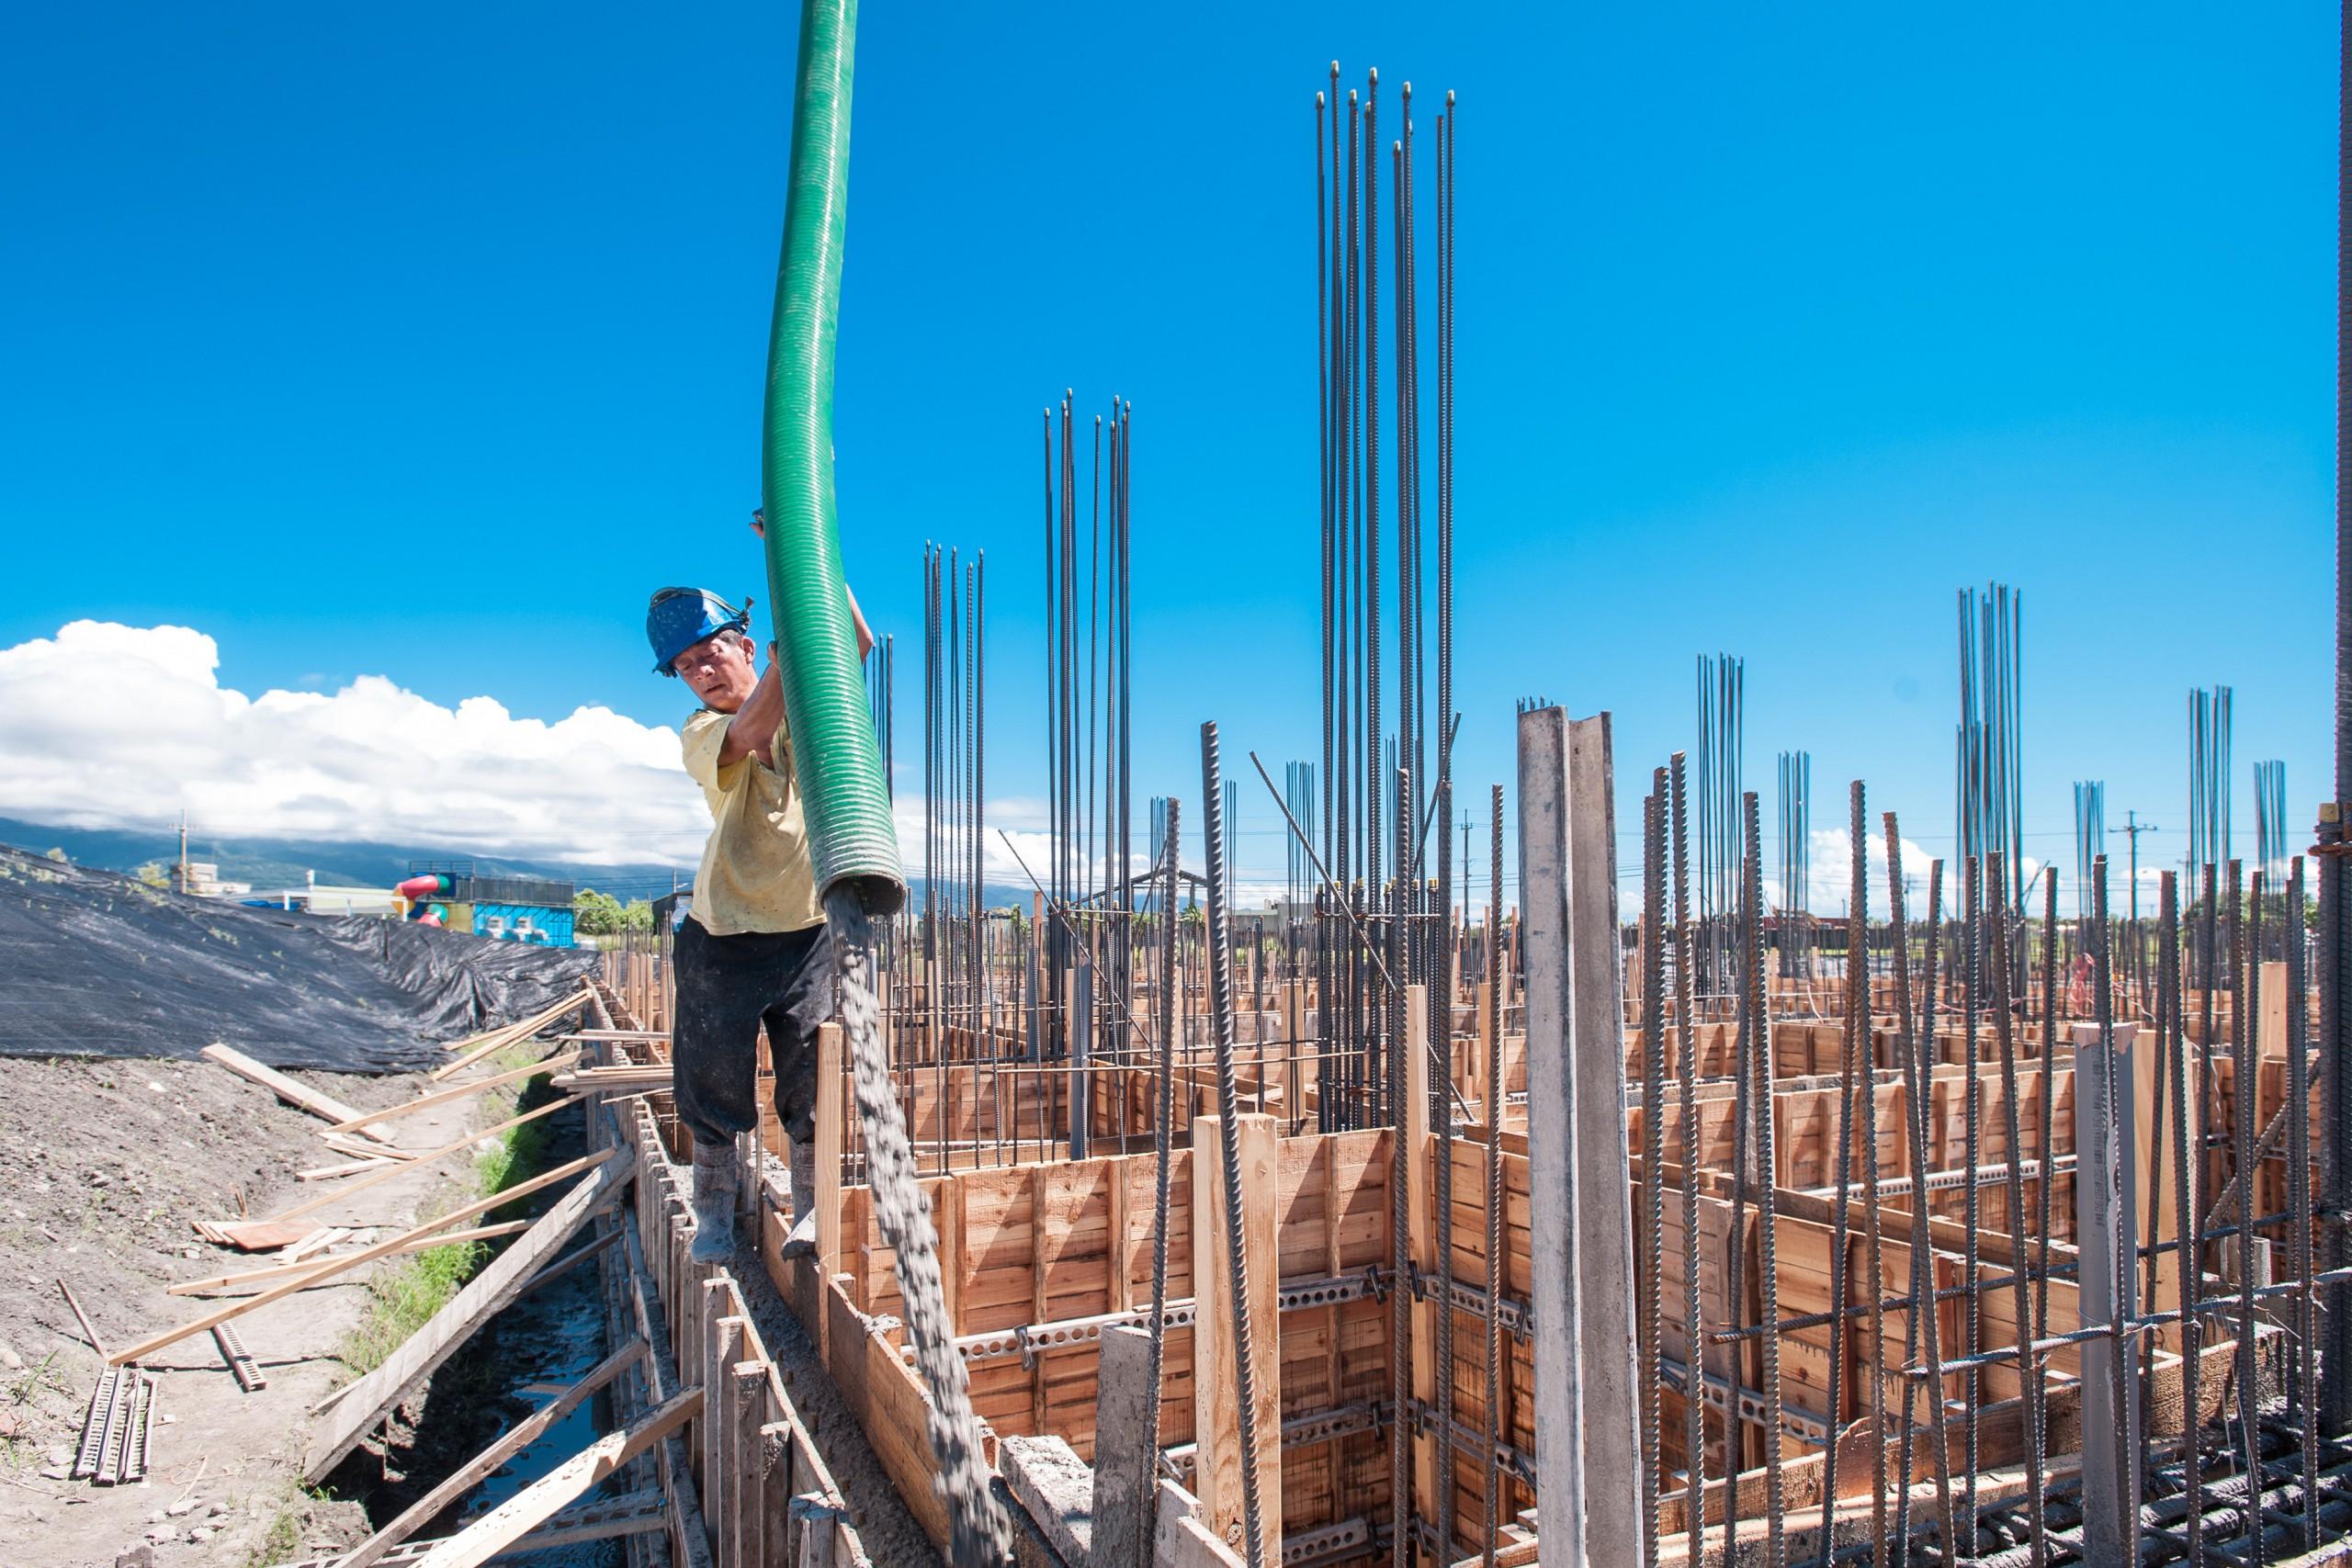 德築-DEZU-project-Zutian-architecture-real-estate-engineering-concrete-6